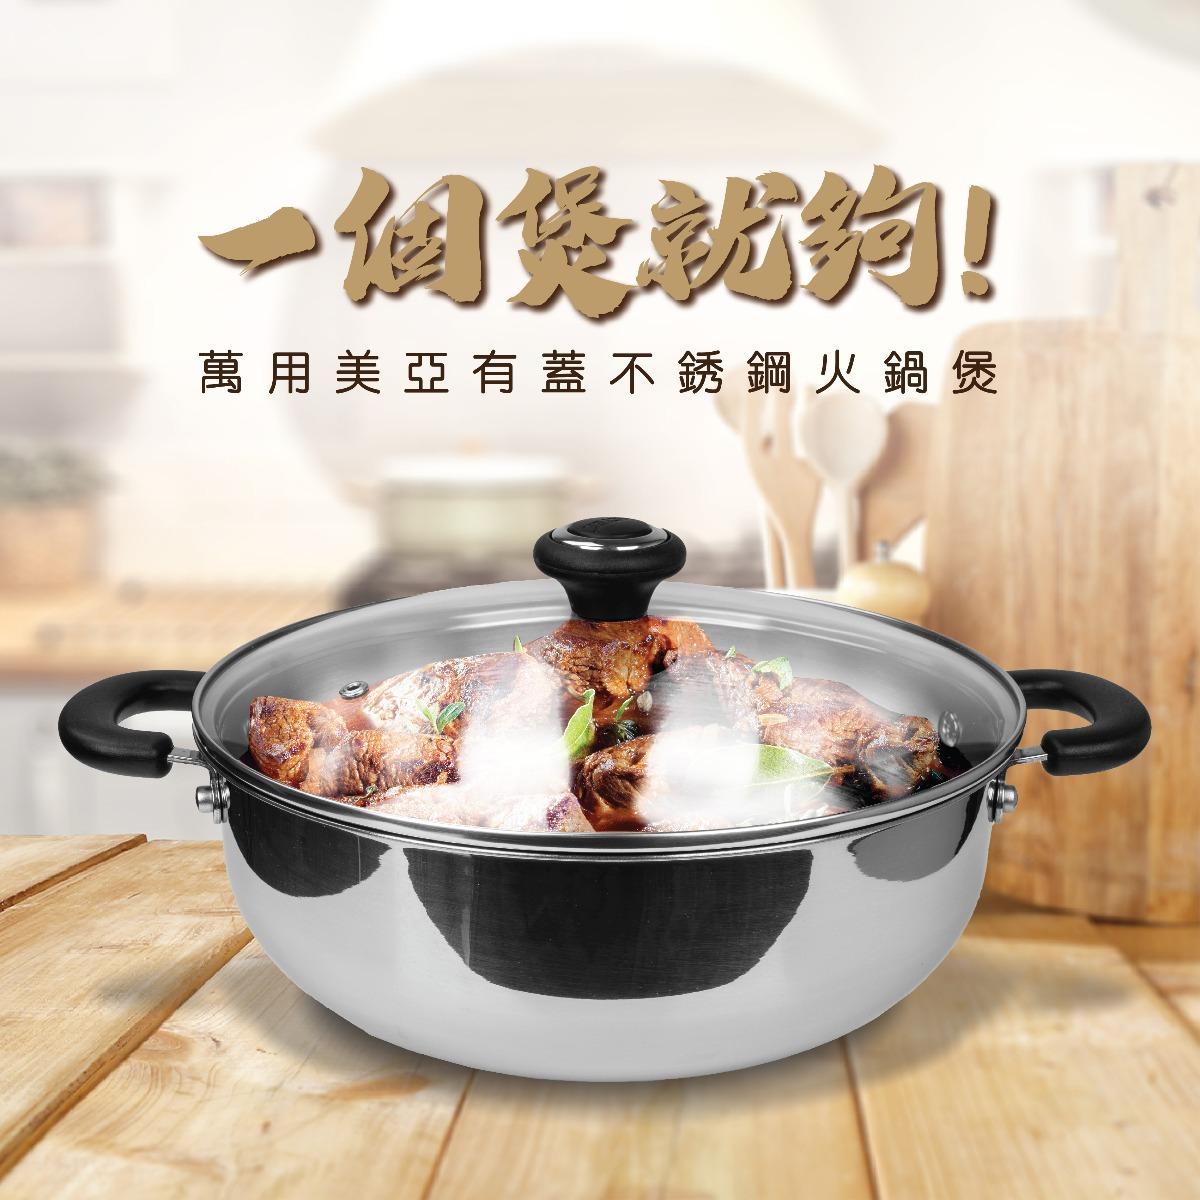 一個煲就夠!萬用美亞有蓋不銹鋼火鍋煲製作麻辣雞煲、打邊爐!